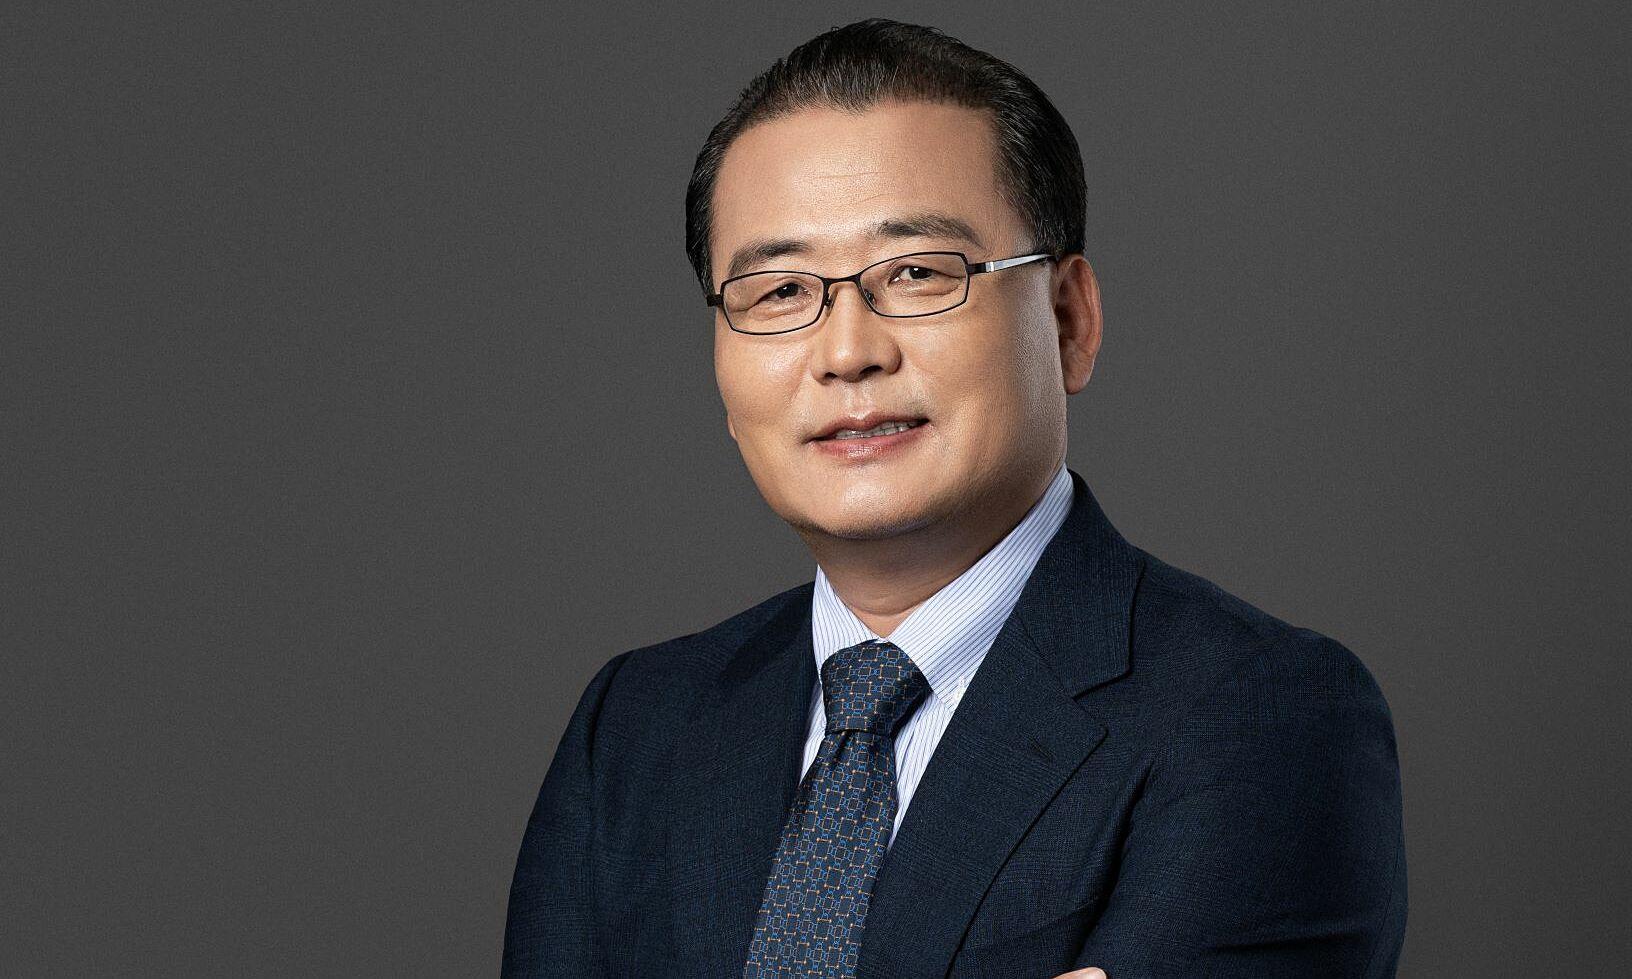 Tân tổng giám đốc Samsung Vina Kevin Lee. Ảnh: Samsung.